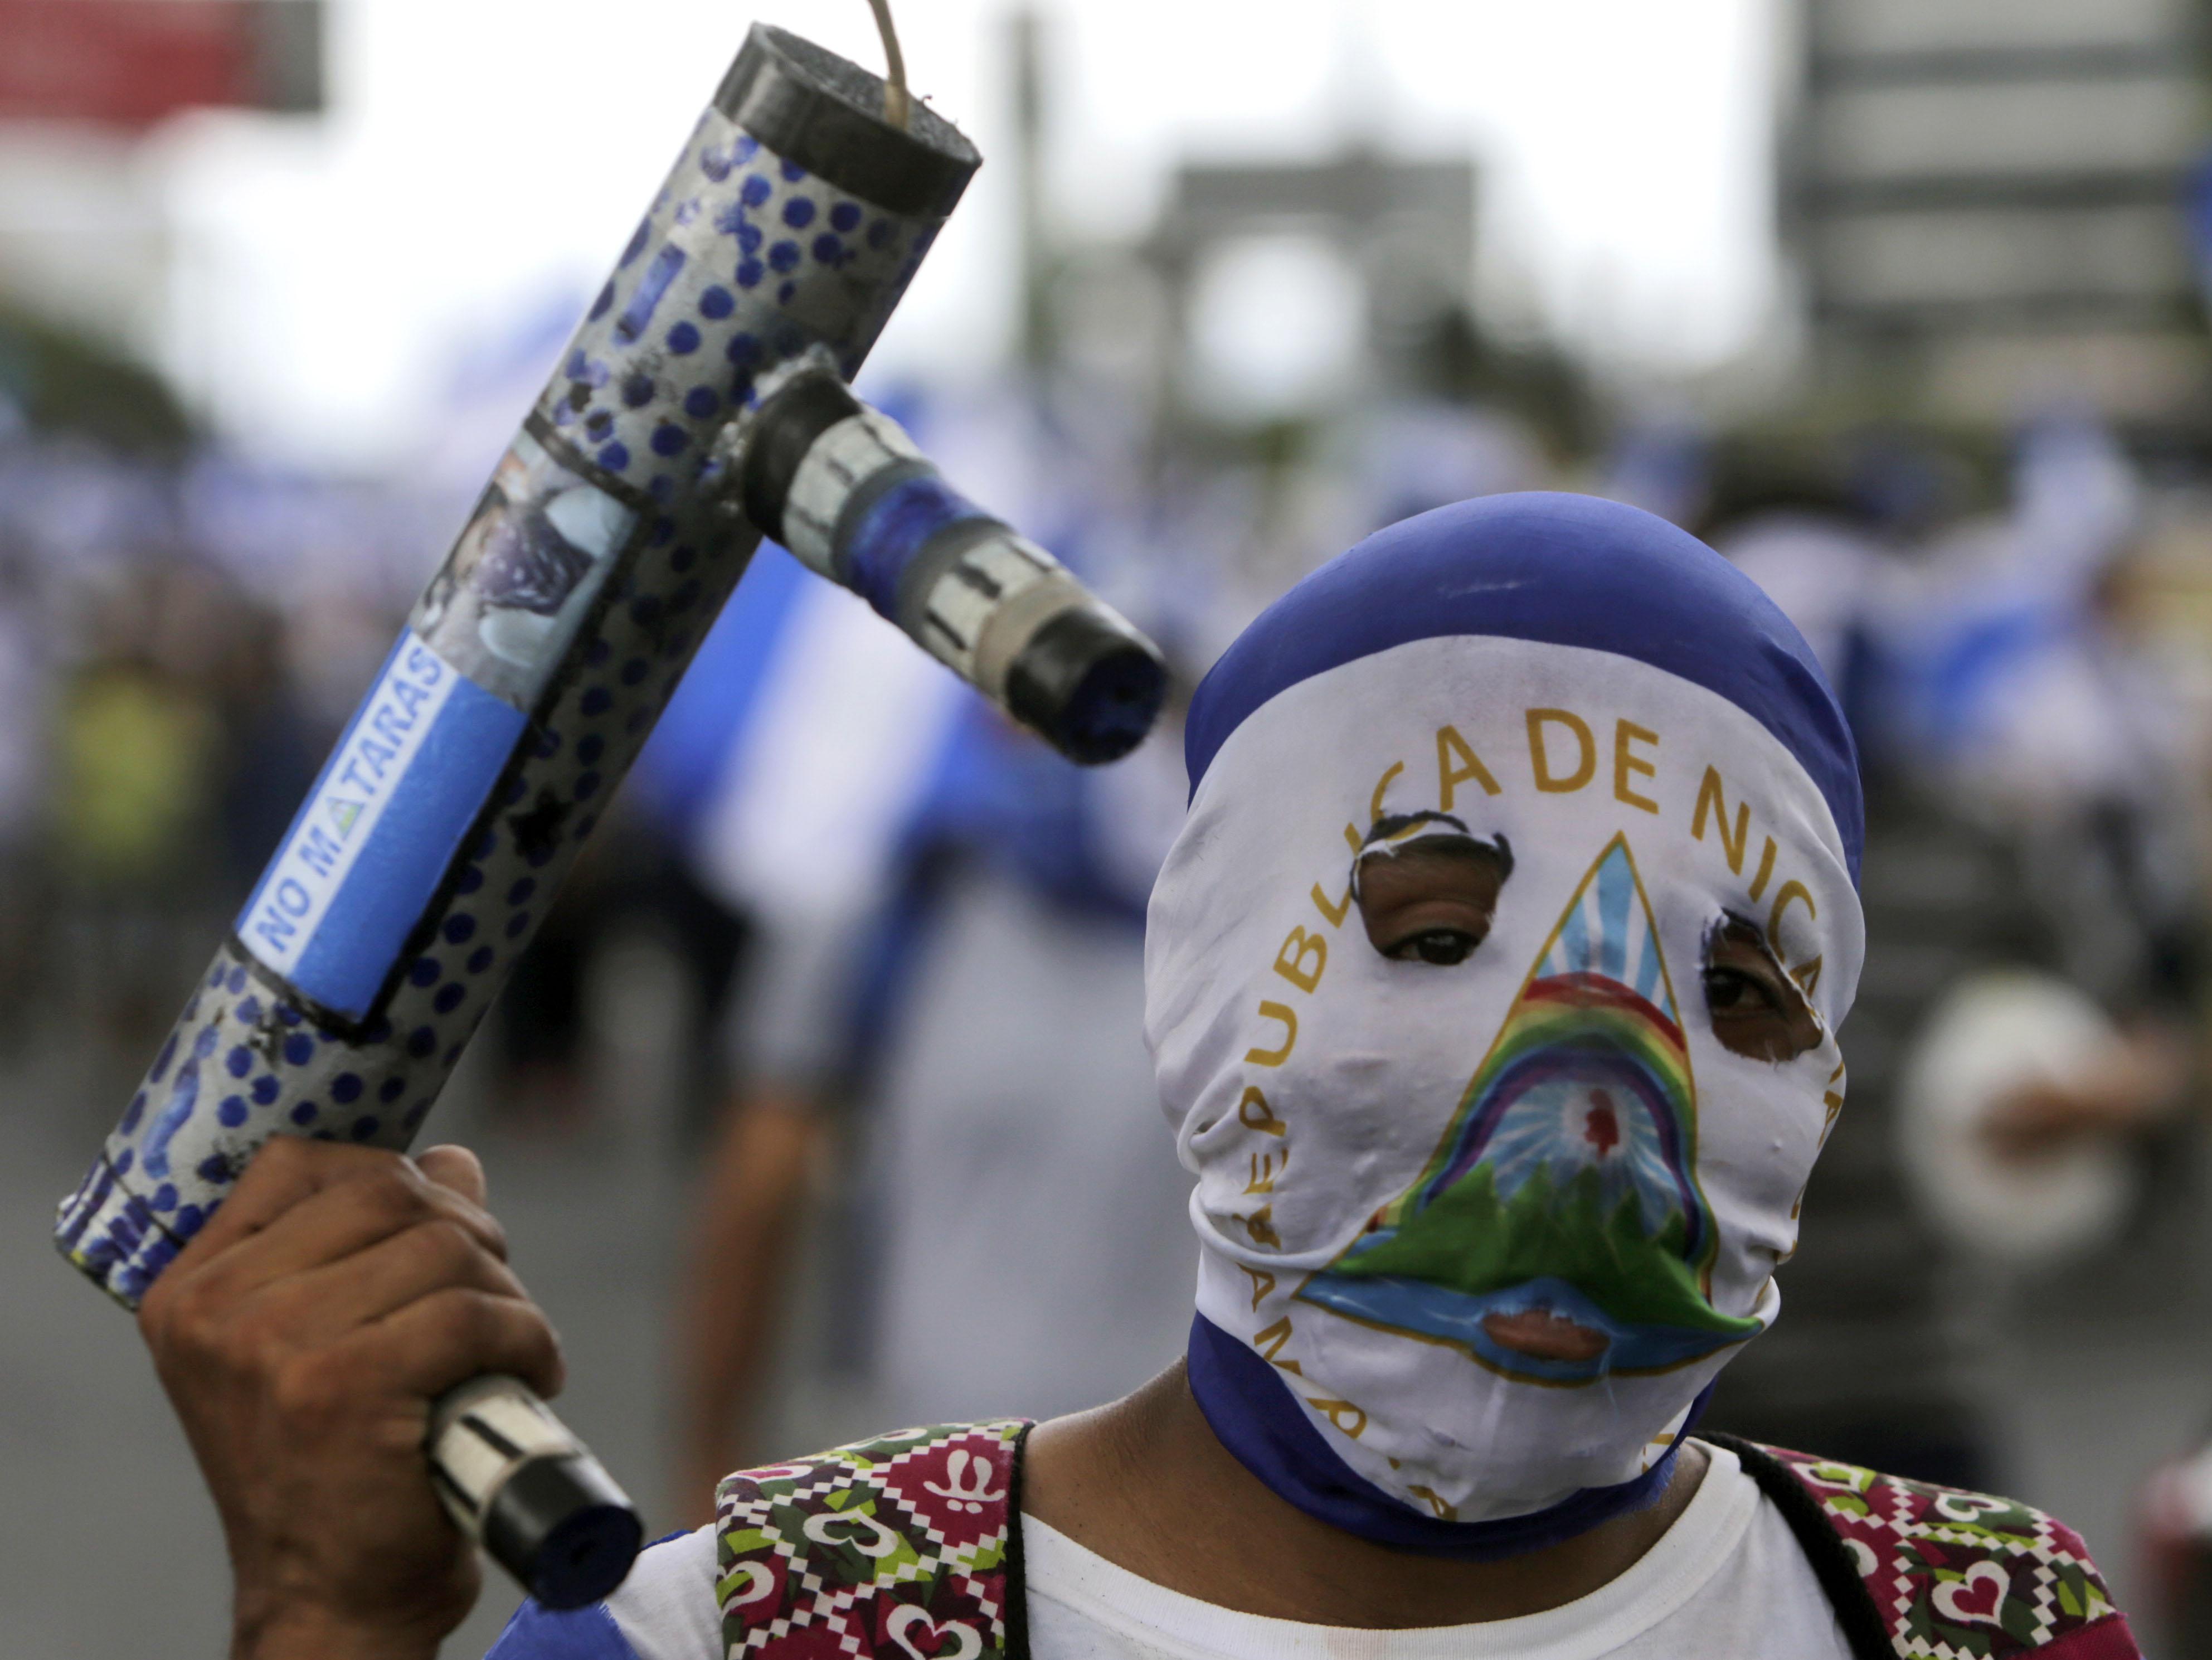 متظاهر يحمل سلاح هاون فى الاحتجاجات